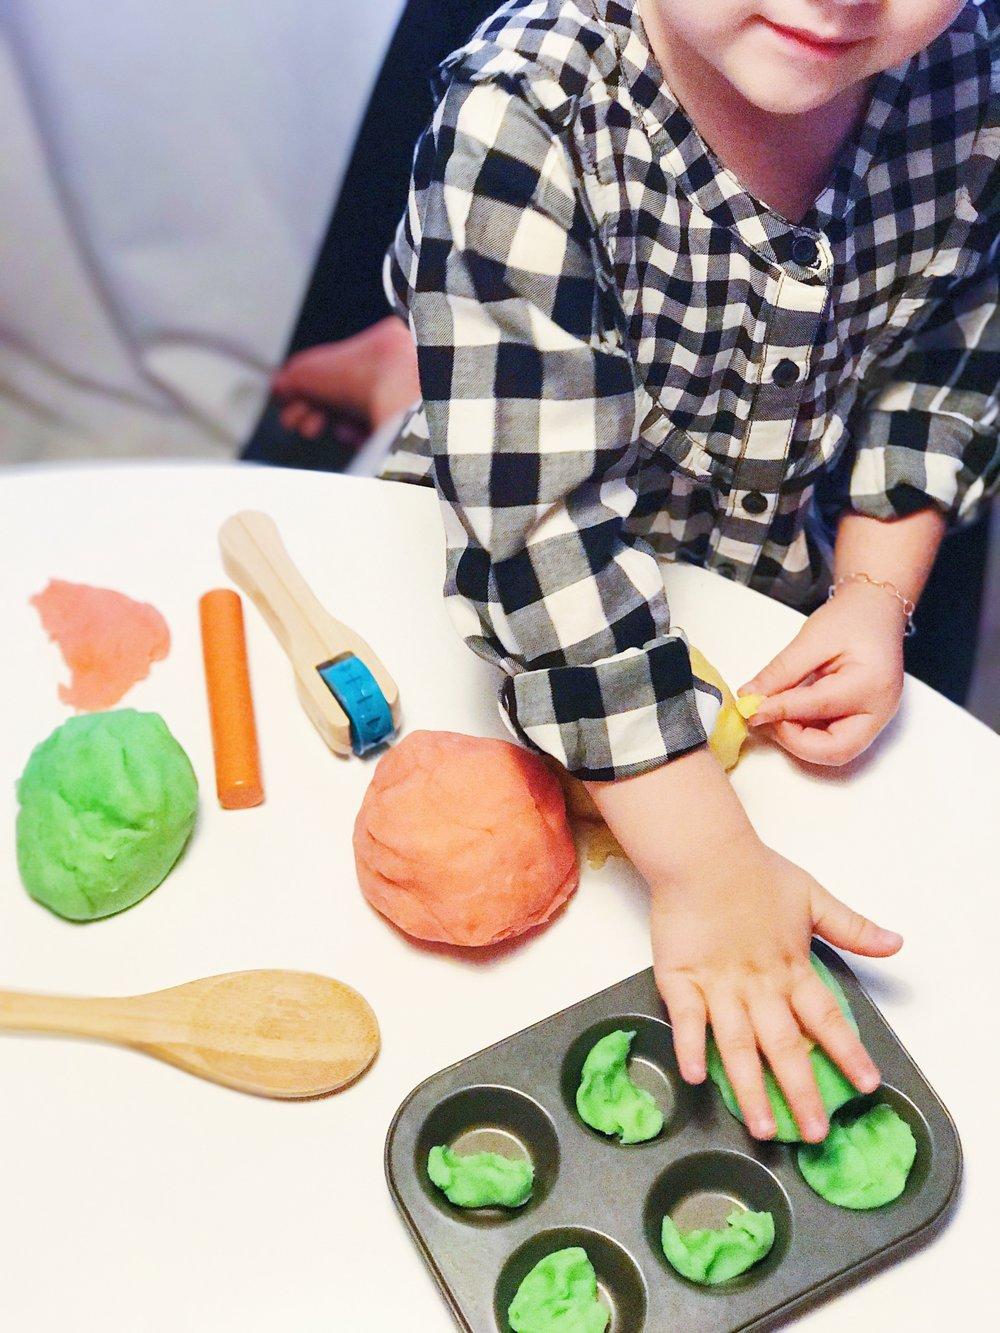 Homemade DIY Aroma Play Dough Recipe For Kids Made With Essential ...